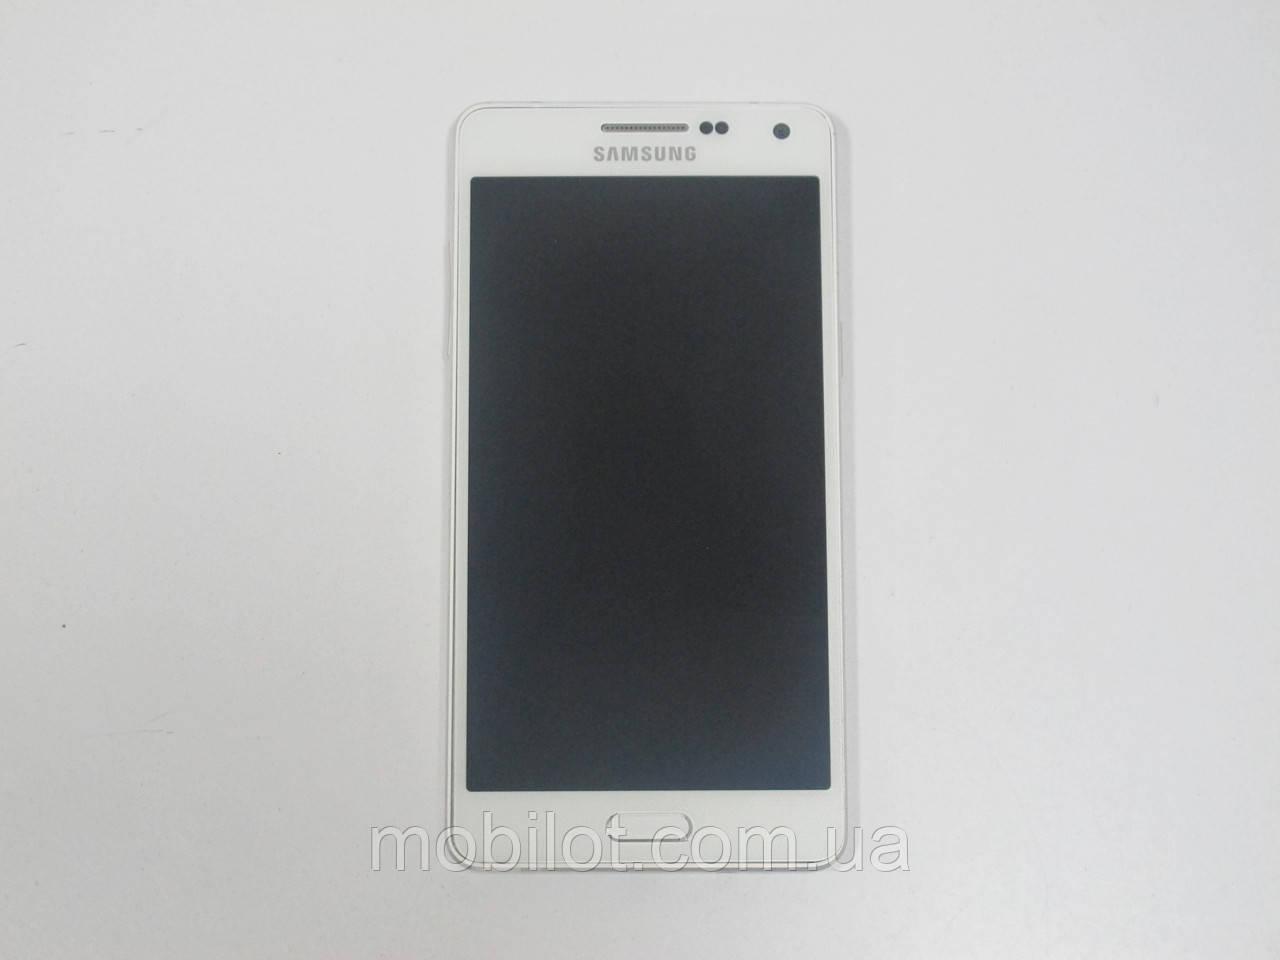 Мобильный телефон Samsung A5 (SM-A500H) (TZ-3981)